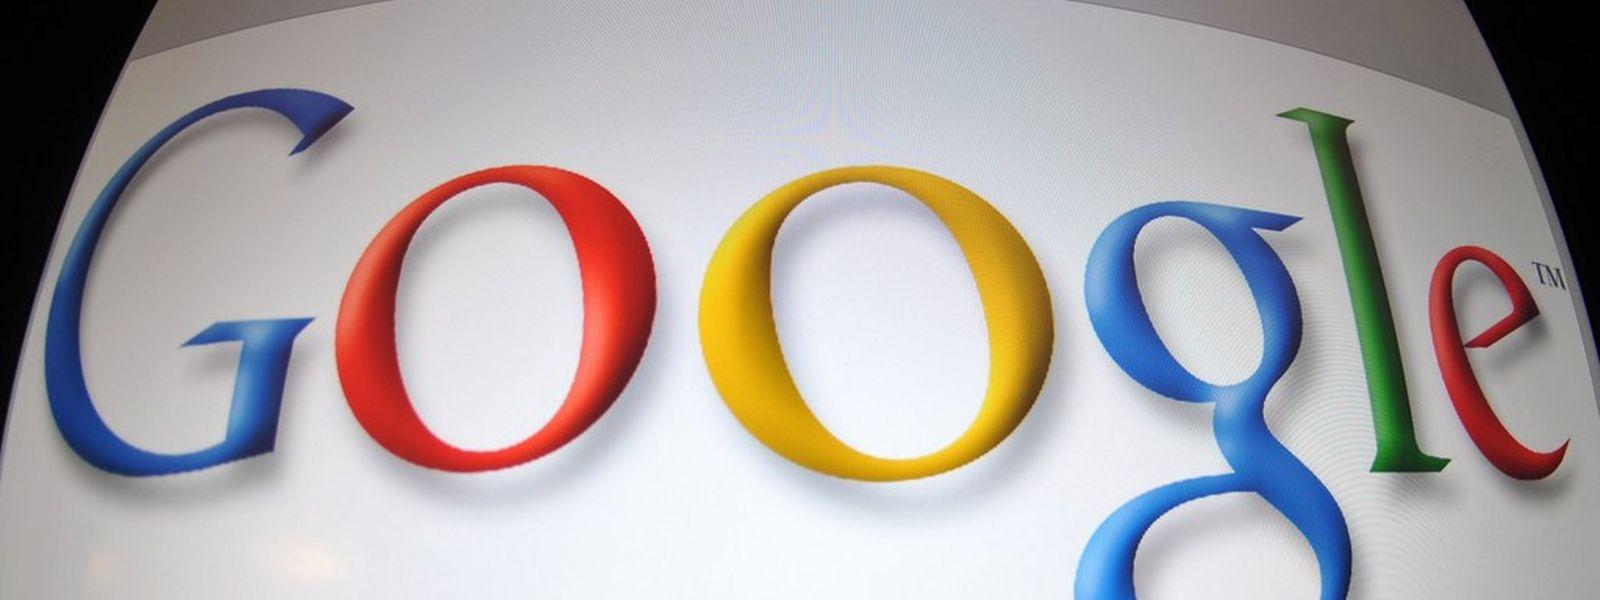 Google investiert in eine Firma, die Spezialeffekte für Hollywood-Produktionen anfertigt.